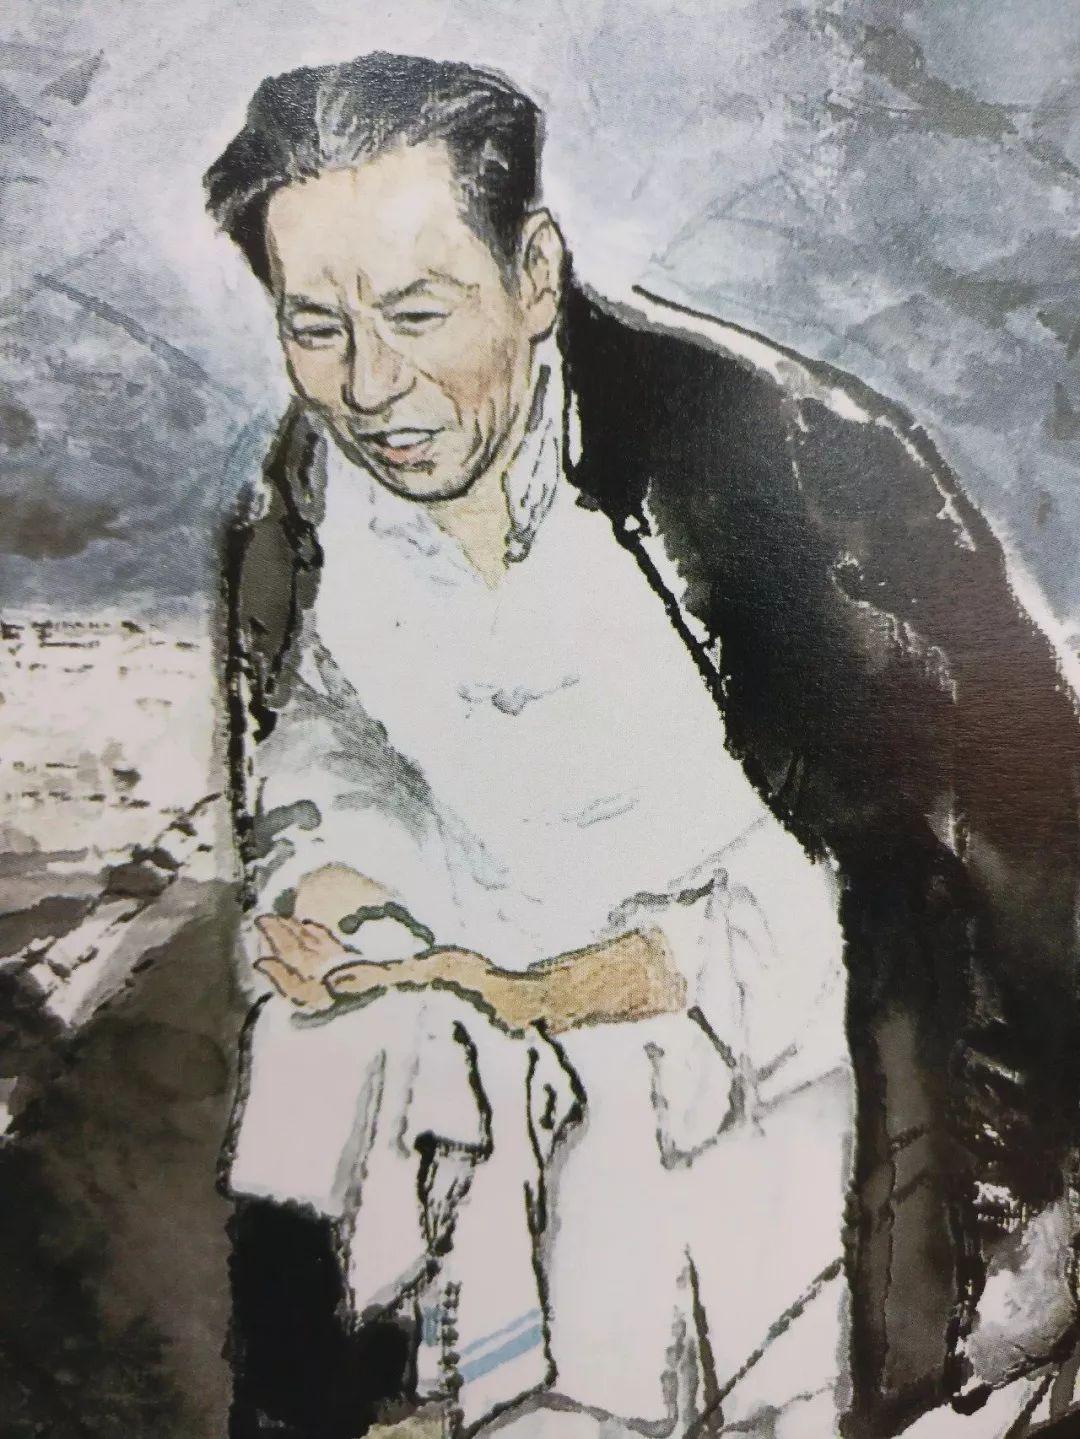 躹�k_周总理躹躬尽瘁死而后已的精神感天动地,作木炭素描《周总理在病中》